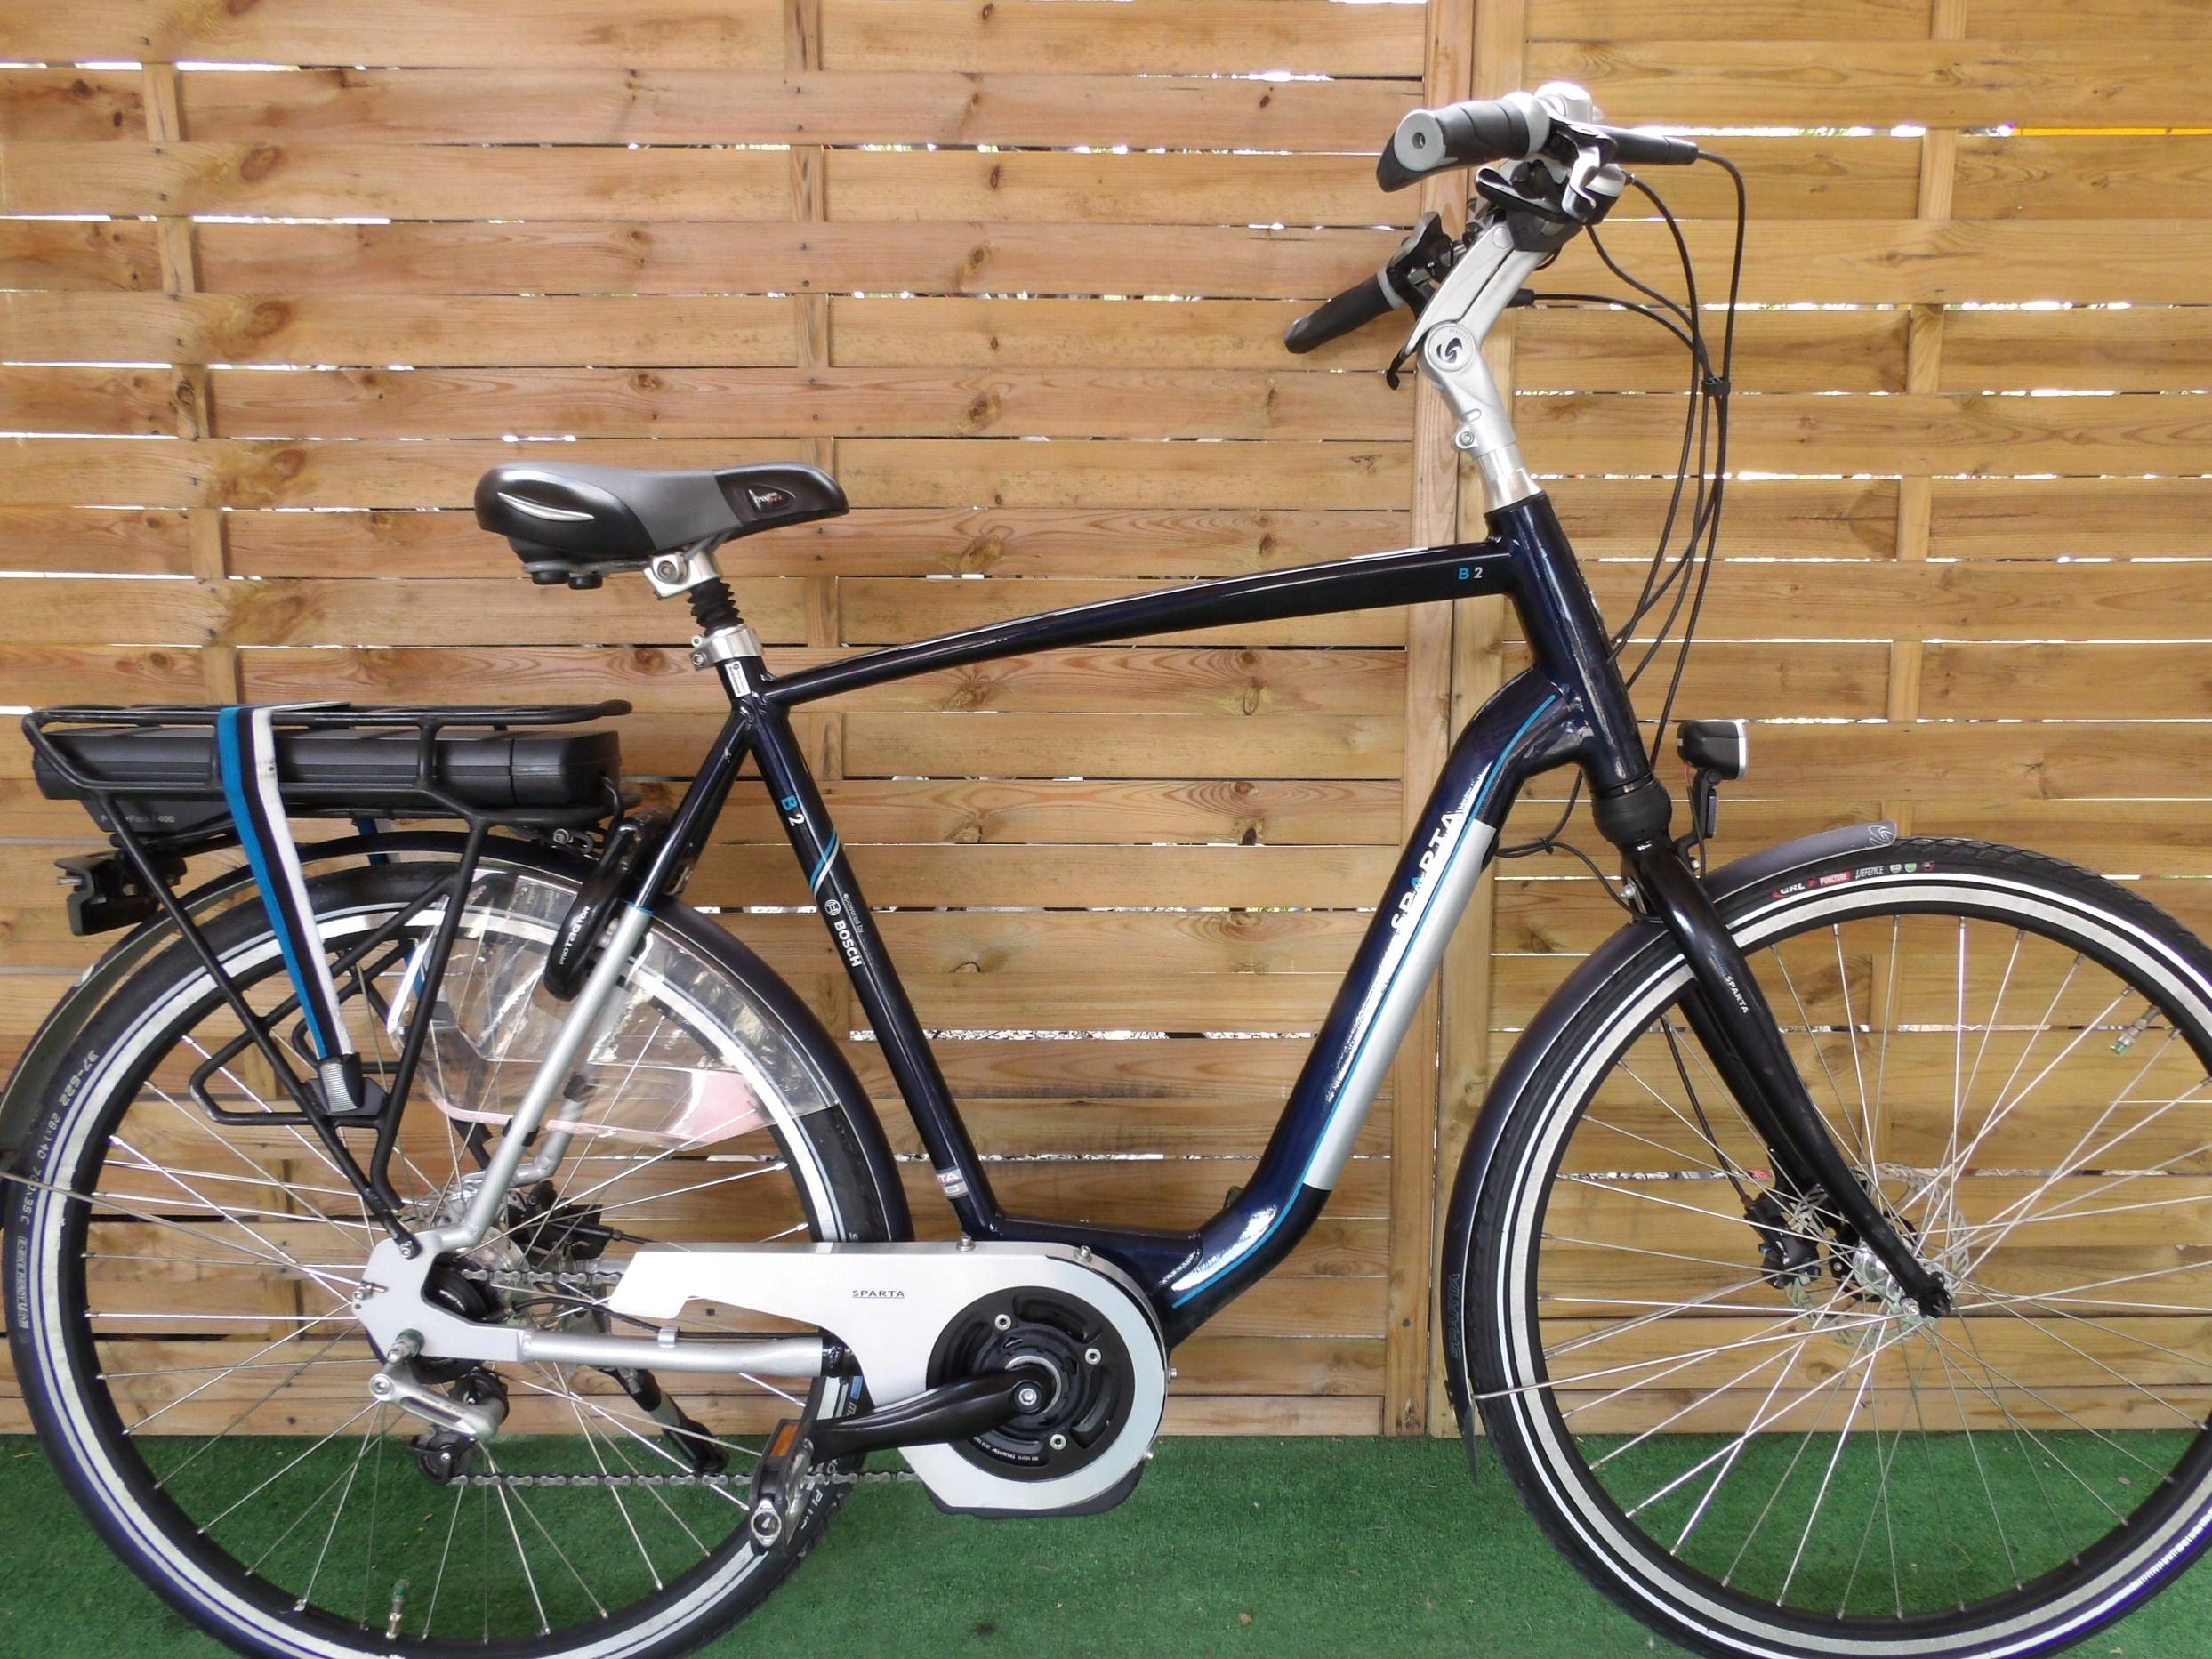 Rower elektryczny Sparta B 2 H 61. I inne rowery